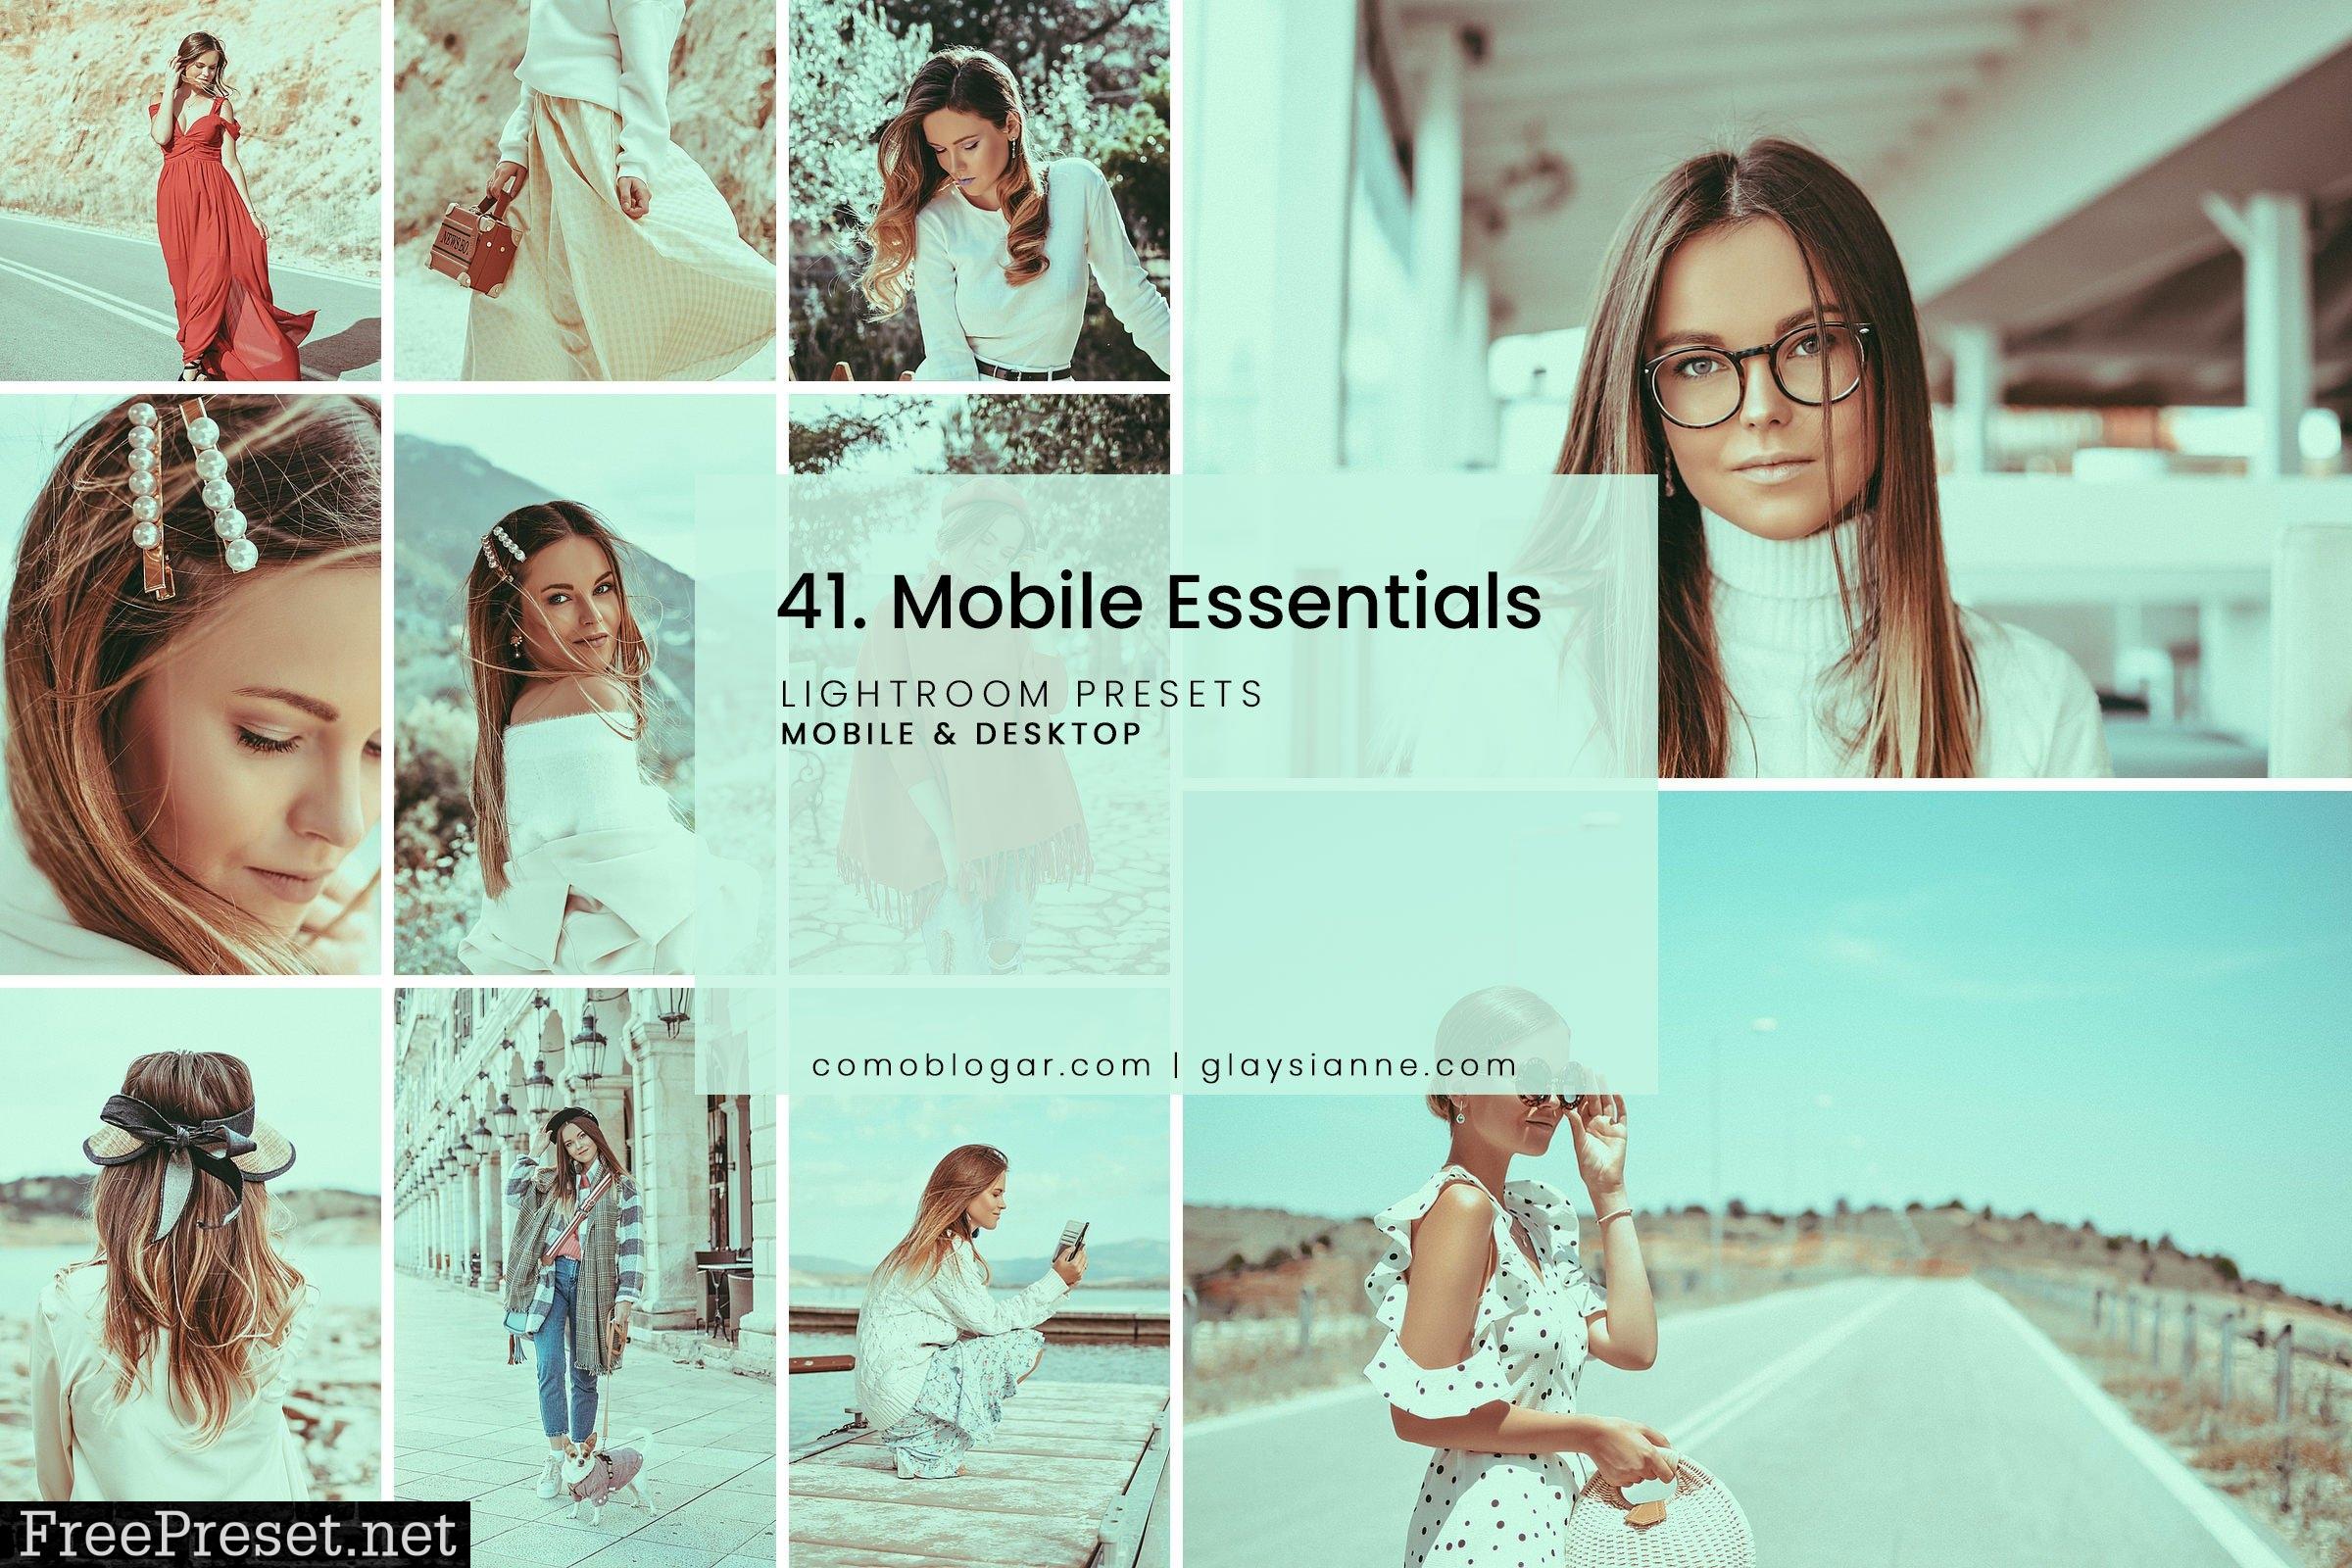 41. Mobile Essentials